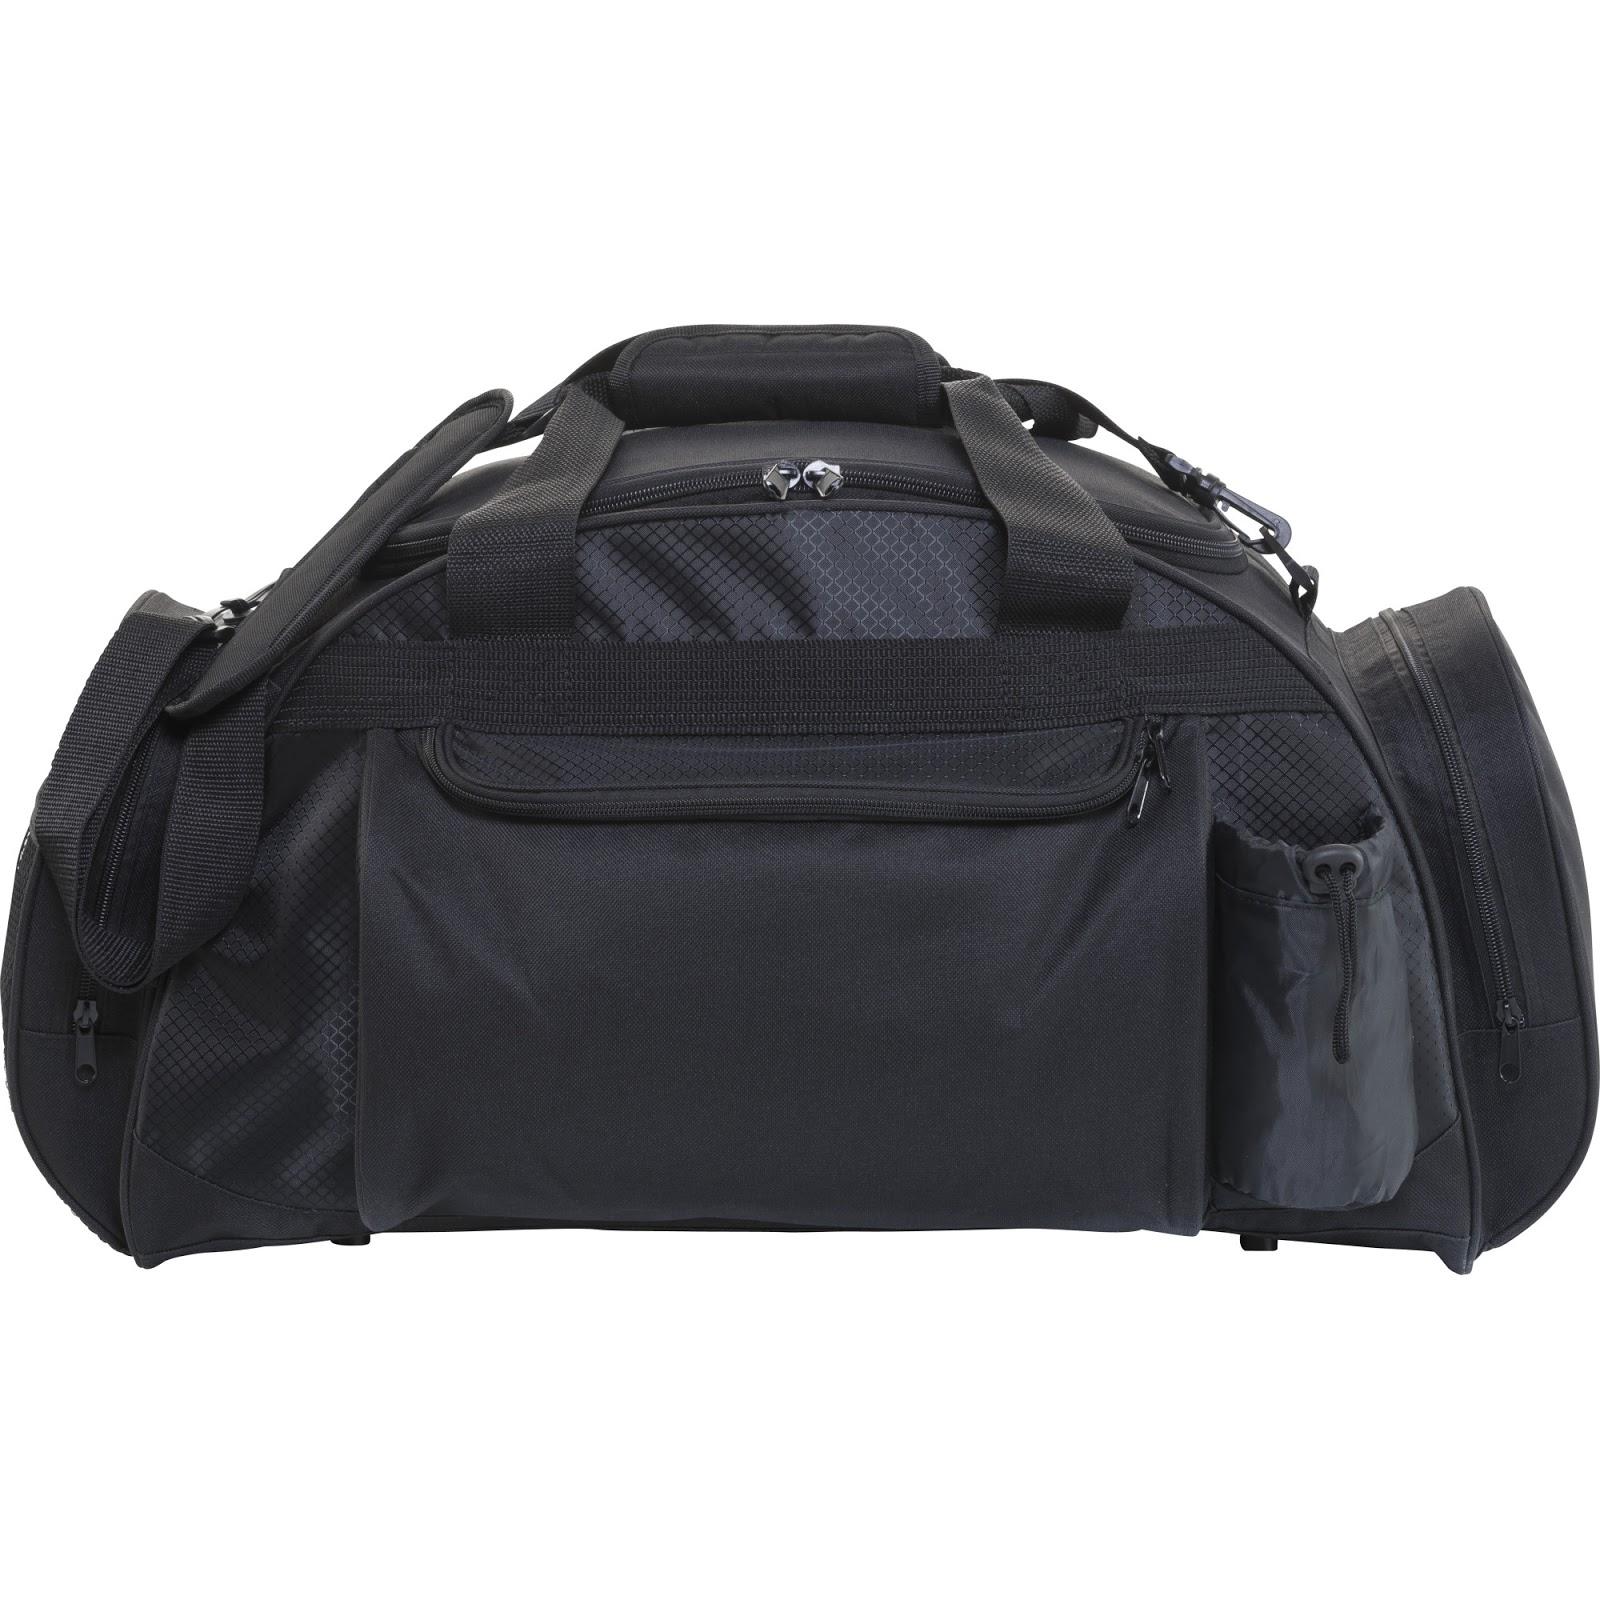 Printed Weekend Travel Bags